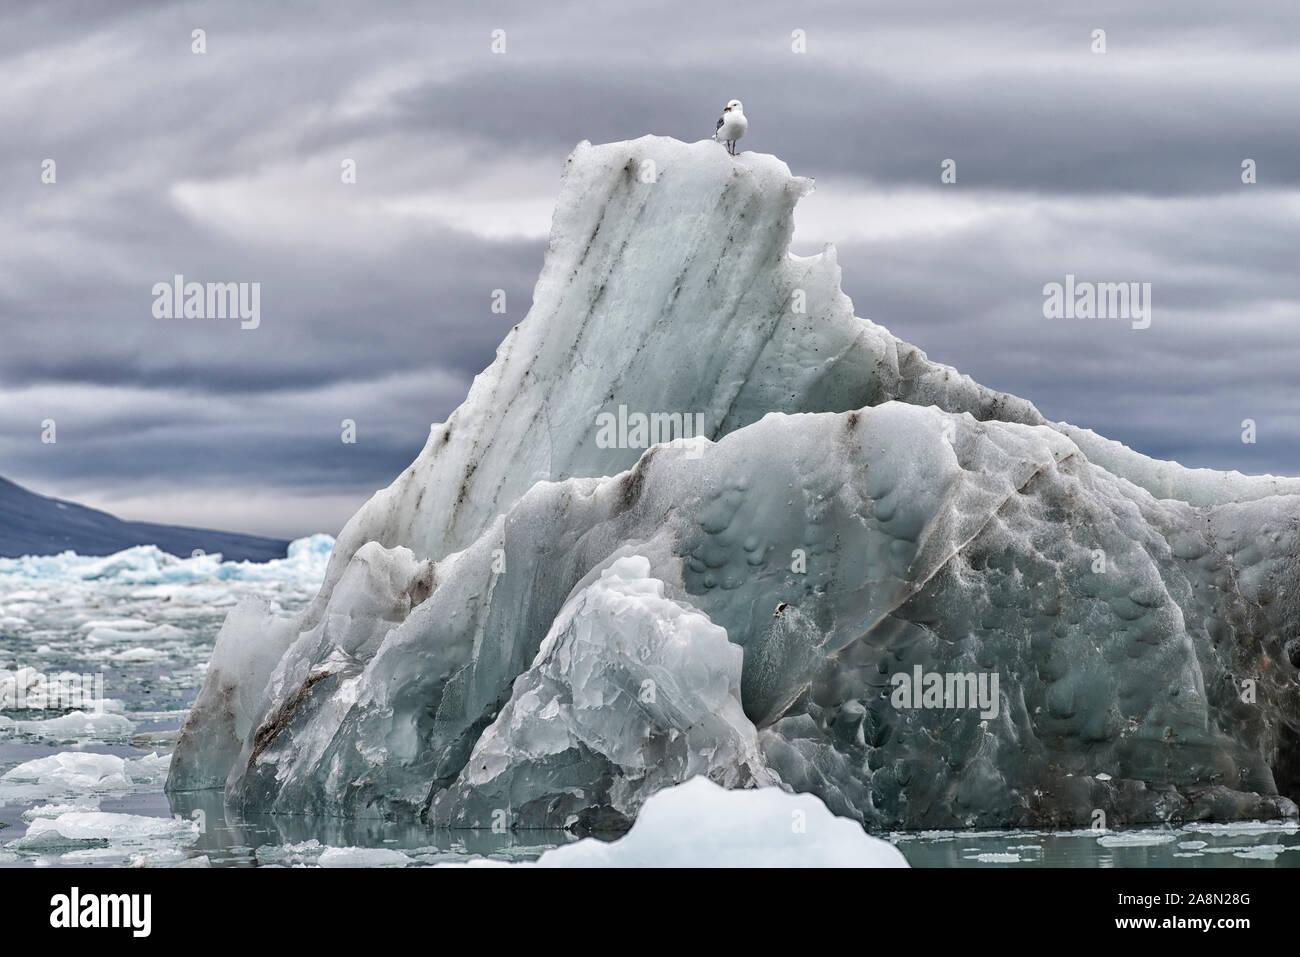 Abgebrochenes Eis des Monacobreen im arktischen Ozean, Haakon-VII-Land, Svalbard. Just broken off part of Monacobreen floating in the arctic ocean. Stock Photo